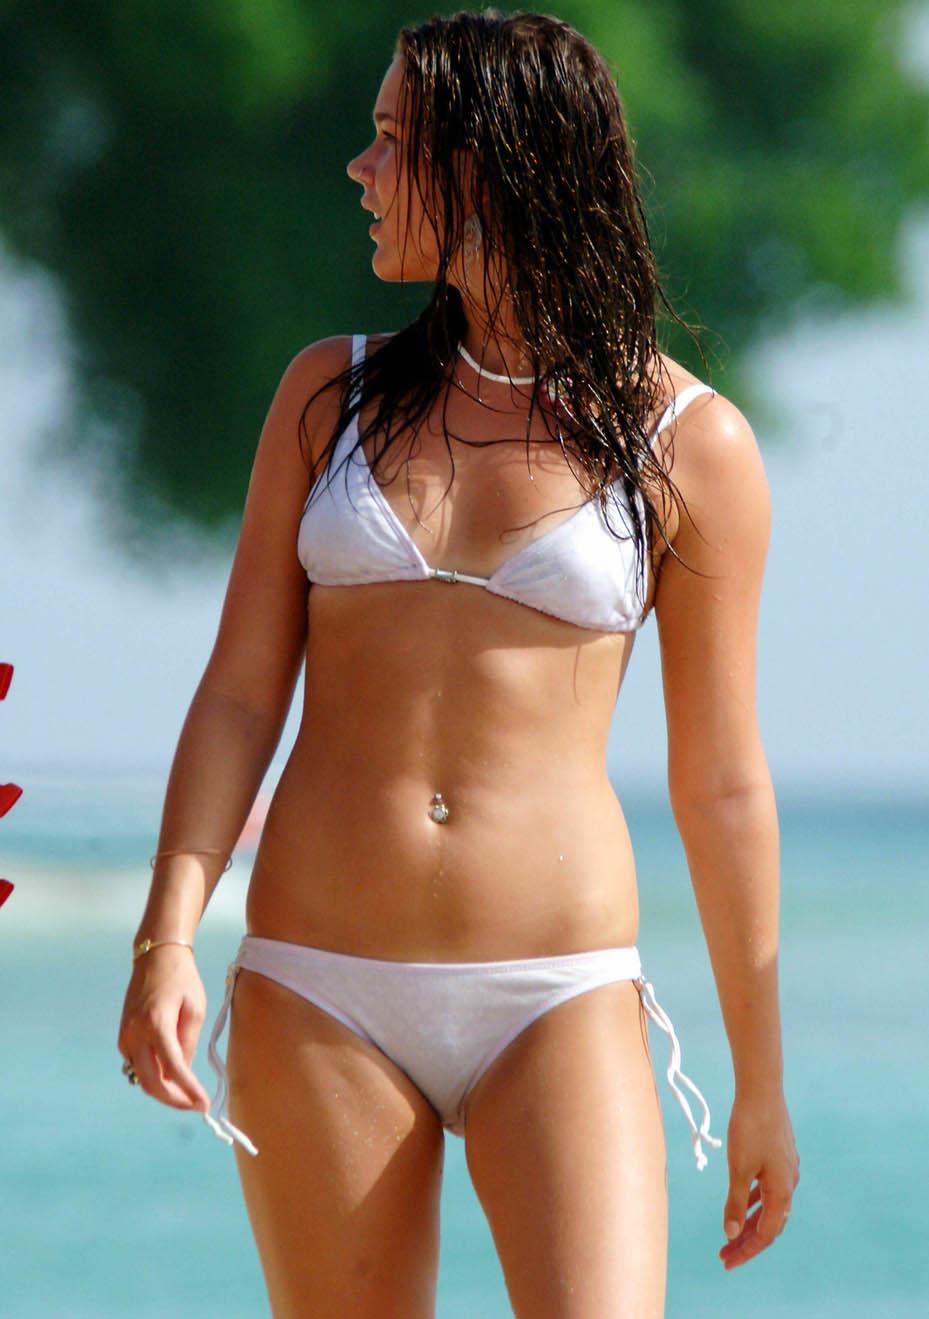 Celebrity bikini photos